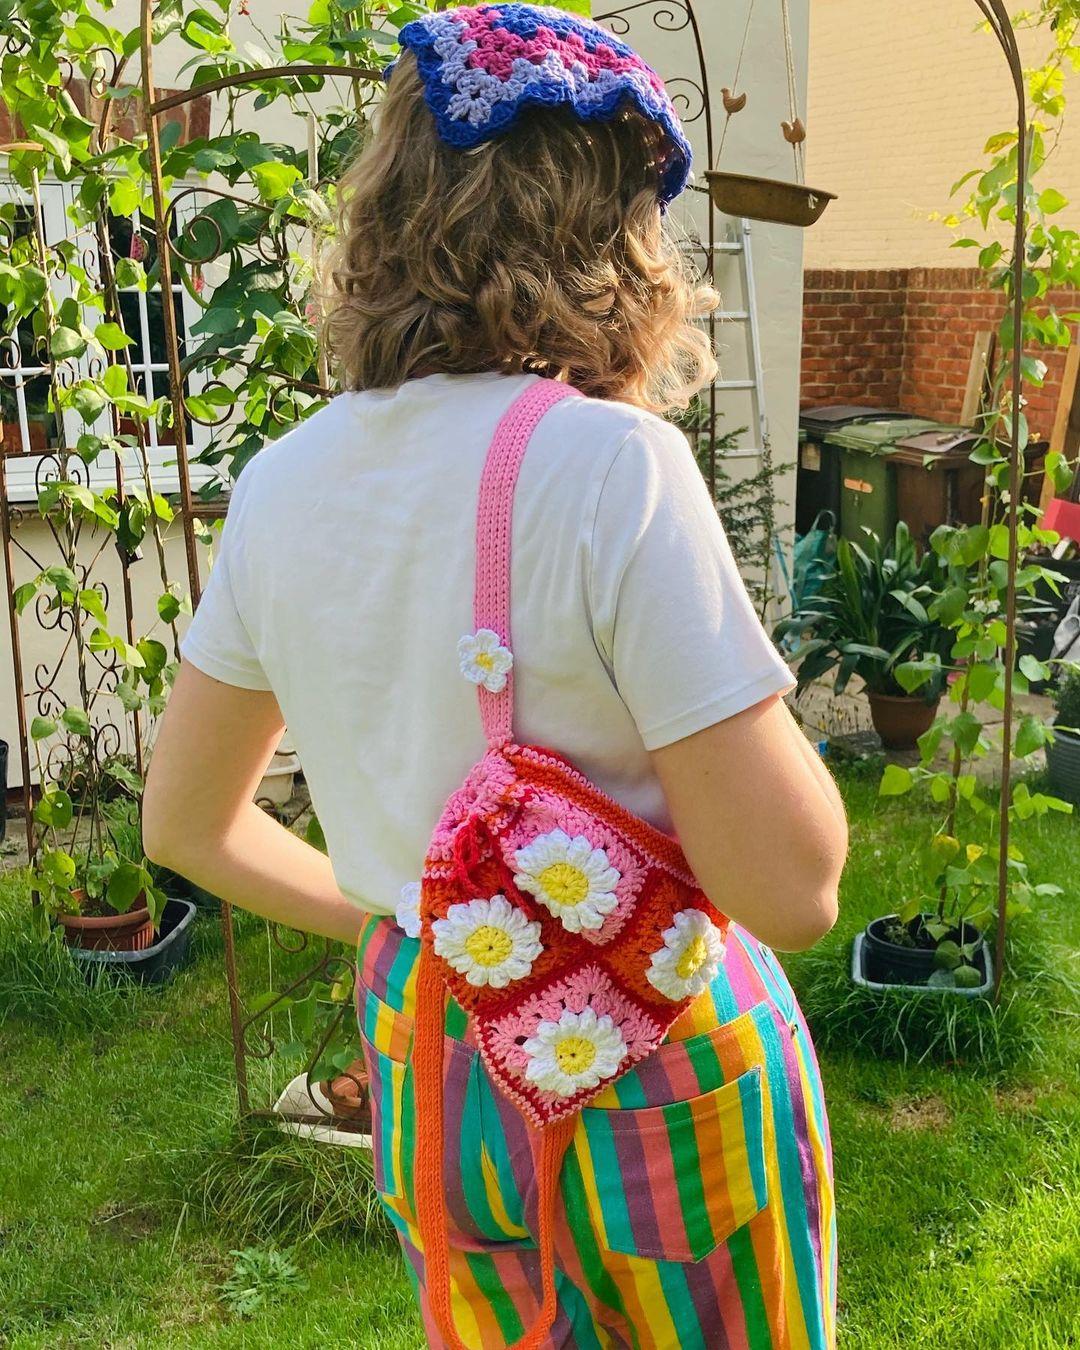 1612585366 980 40 fotos para combinar la pieza con tu look - 40 inspiraciones increíbles para que uses la mochila de crochet